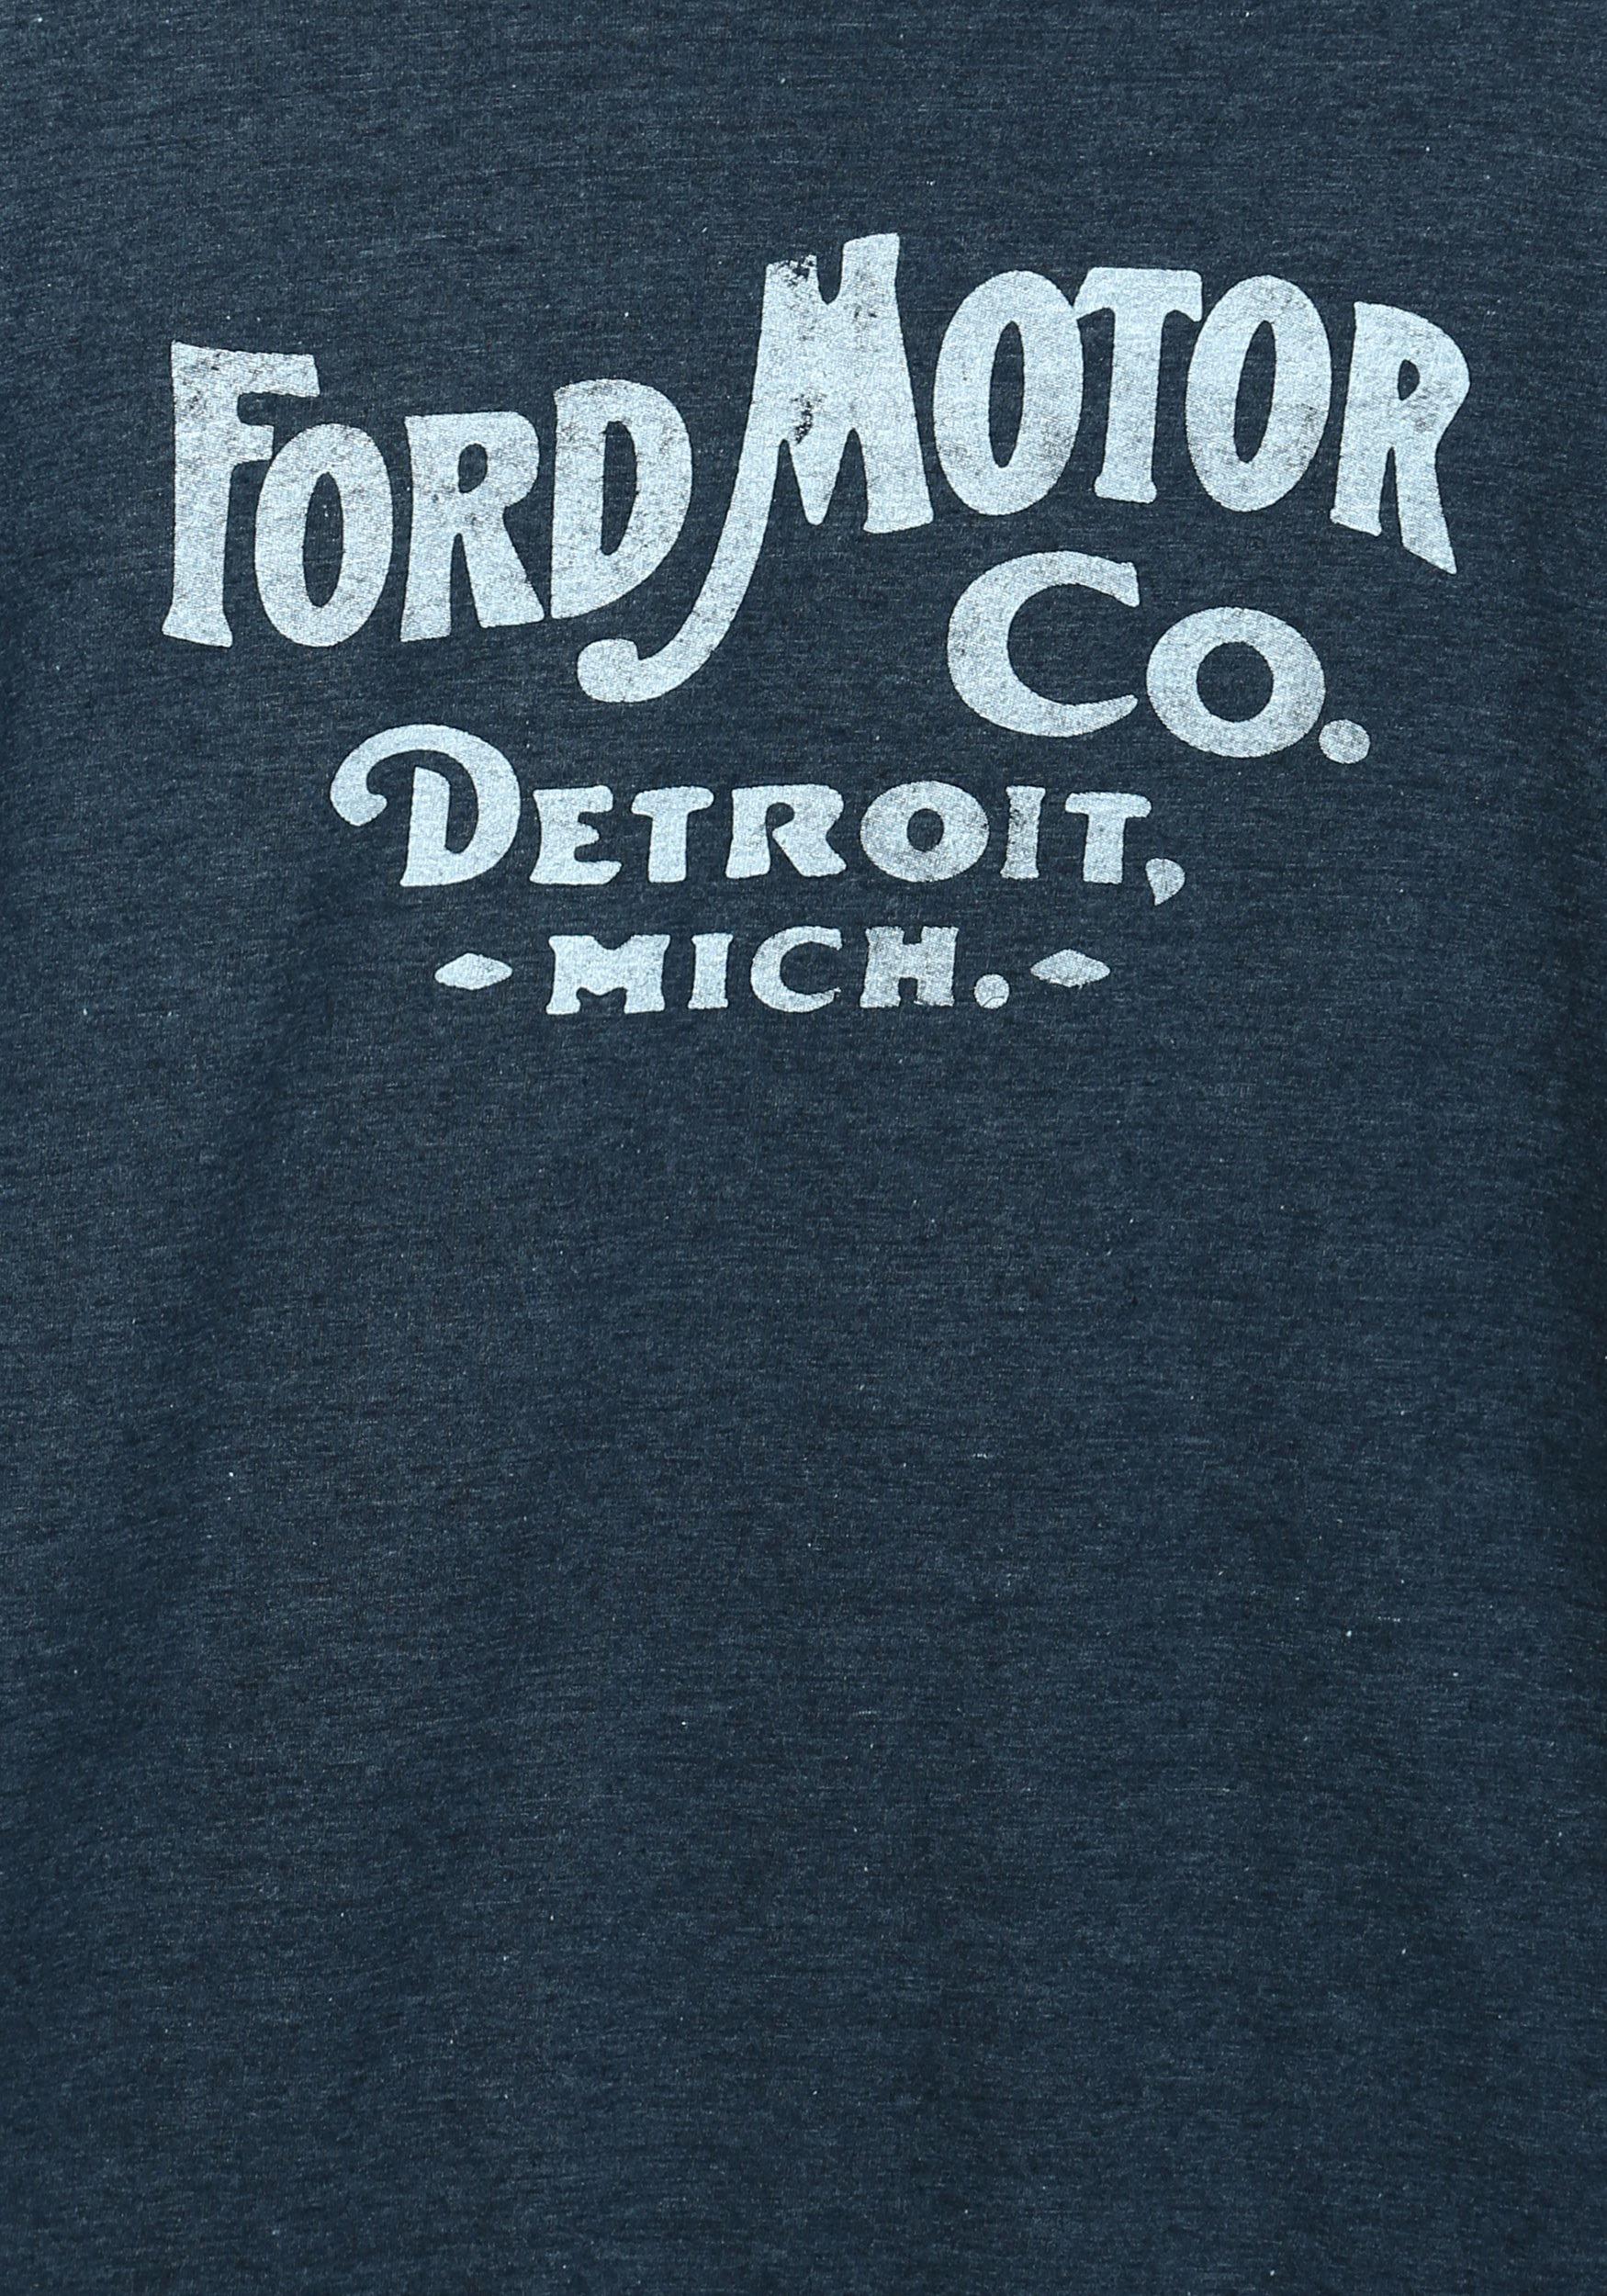 Ford Motor Co Detroit Mens Shirt